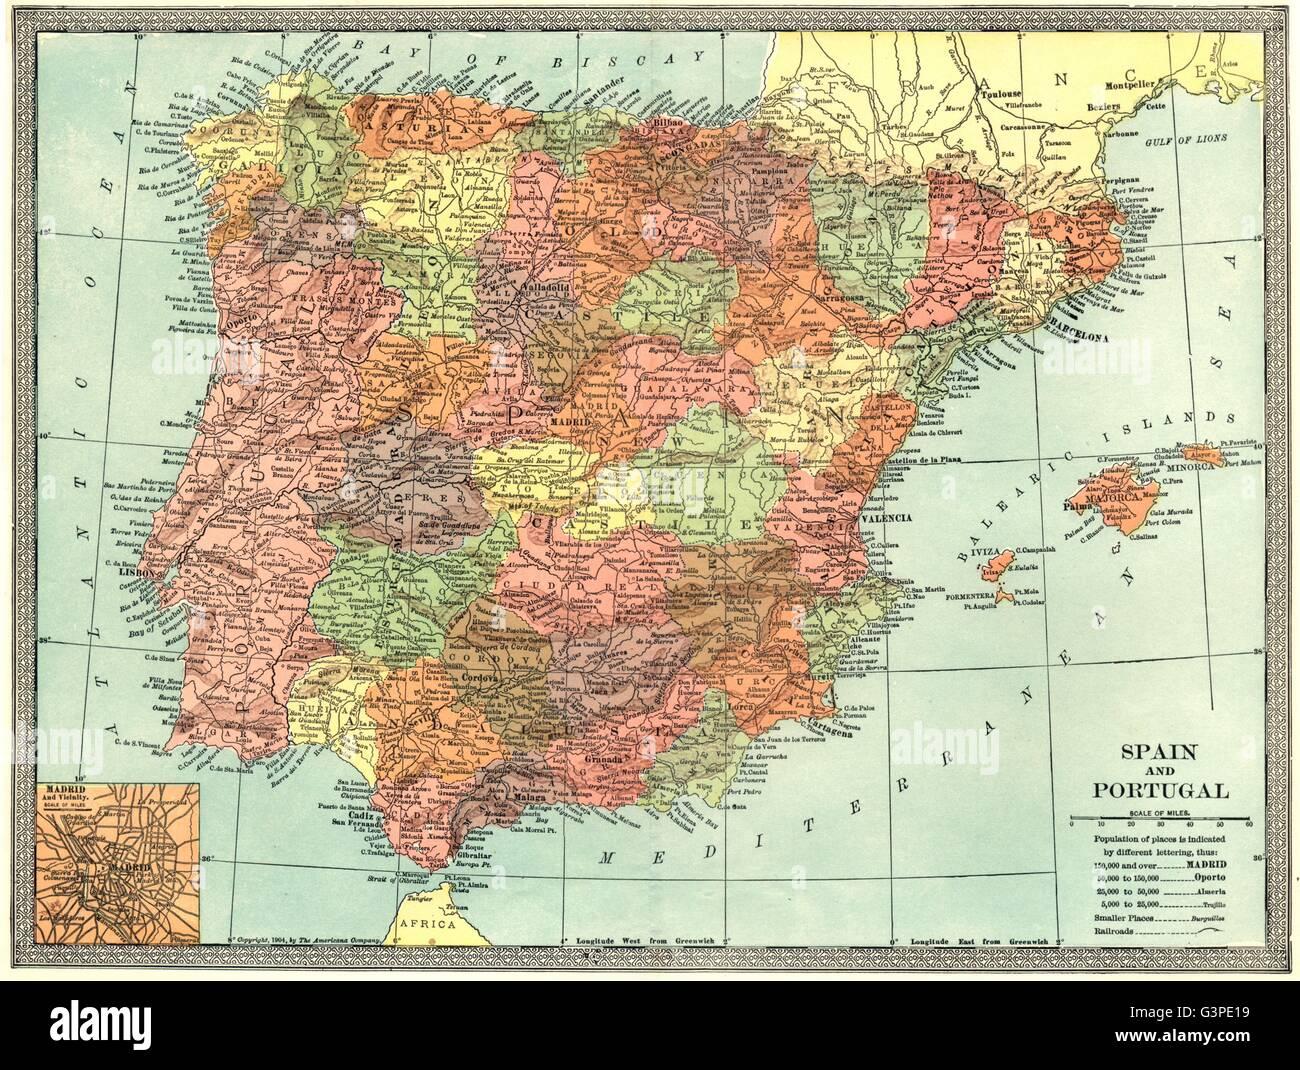 Cartina Spagna Antica.Iberia La Spagna E Il Portogallo Inset Madrid Plan 1907 Mappa Antichi Foto Stock Alamy